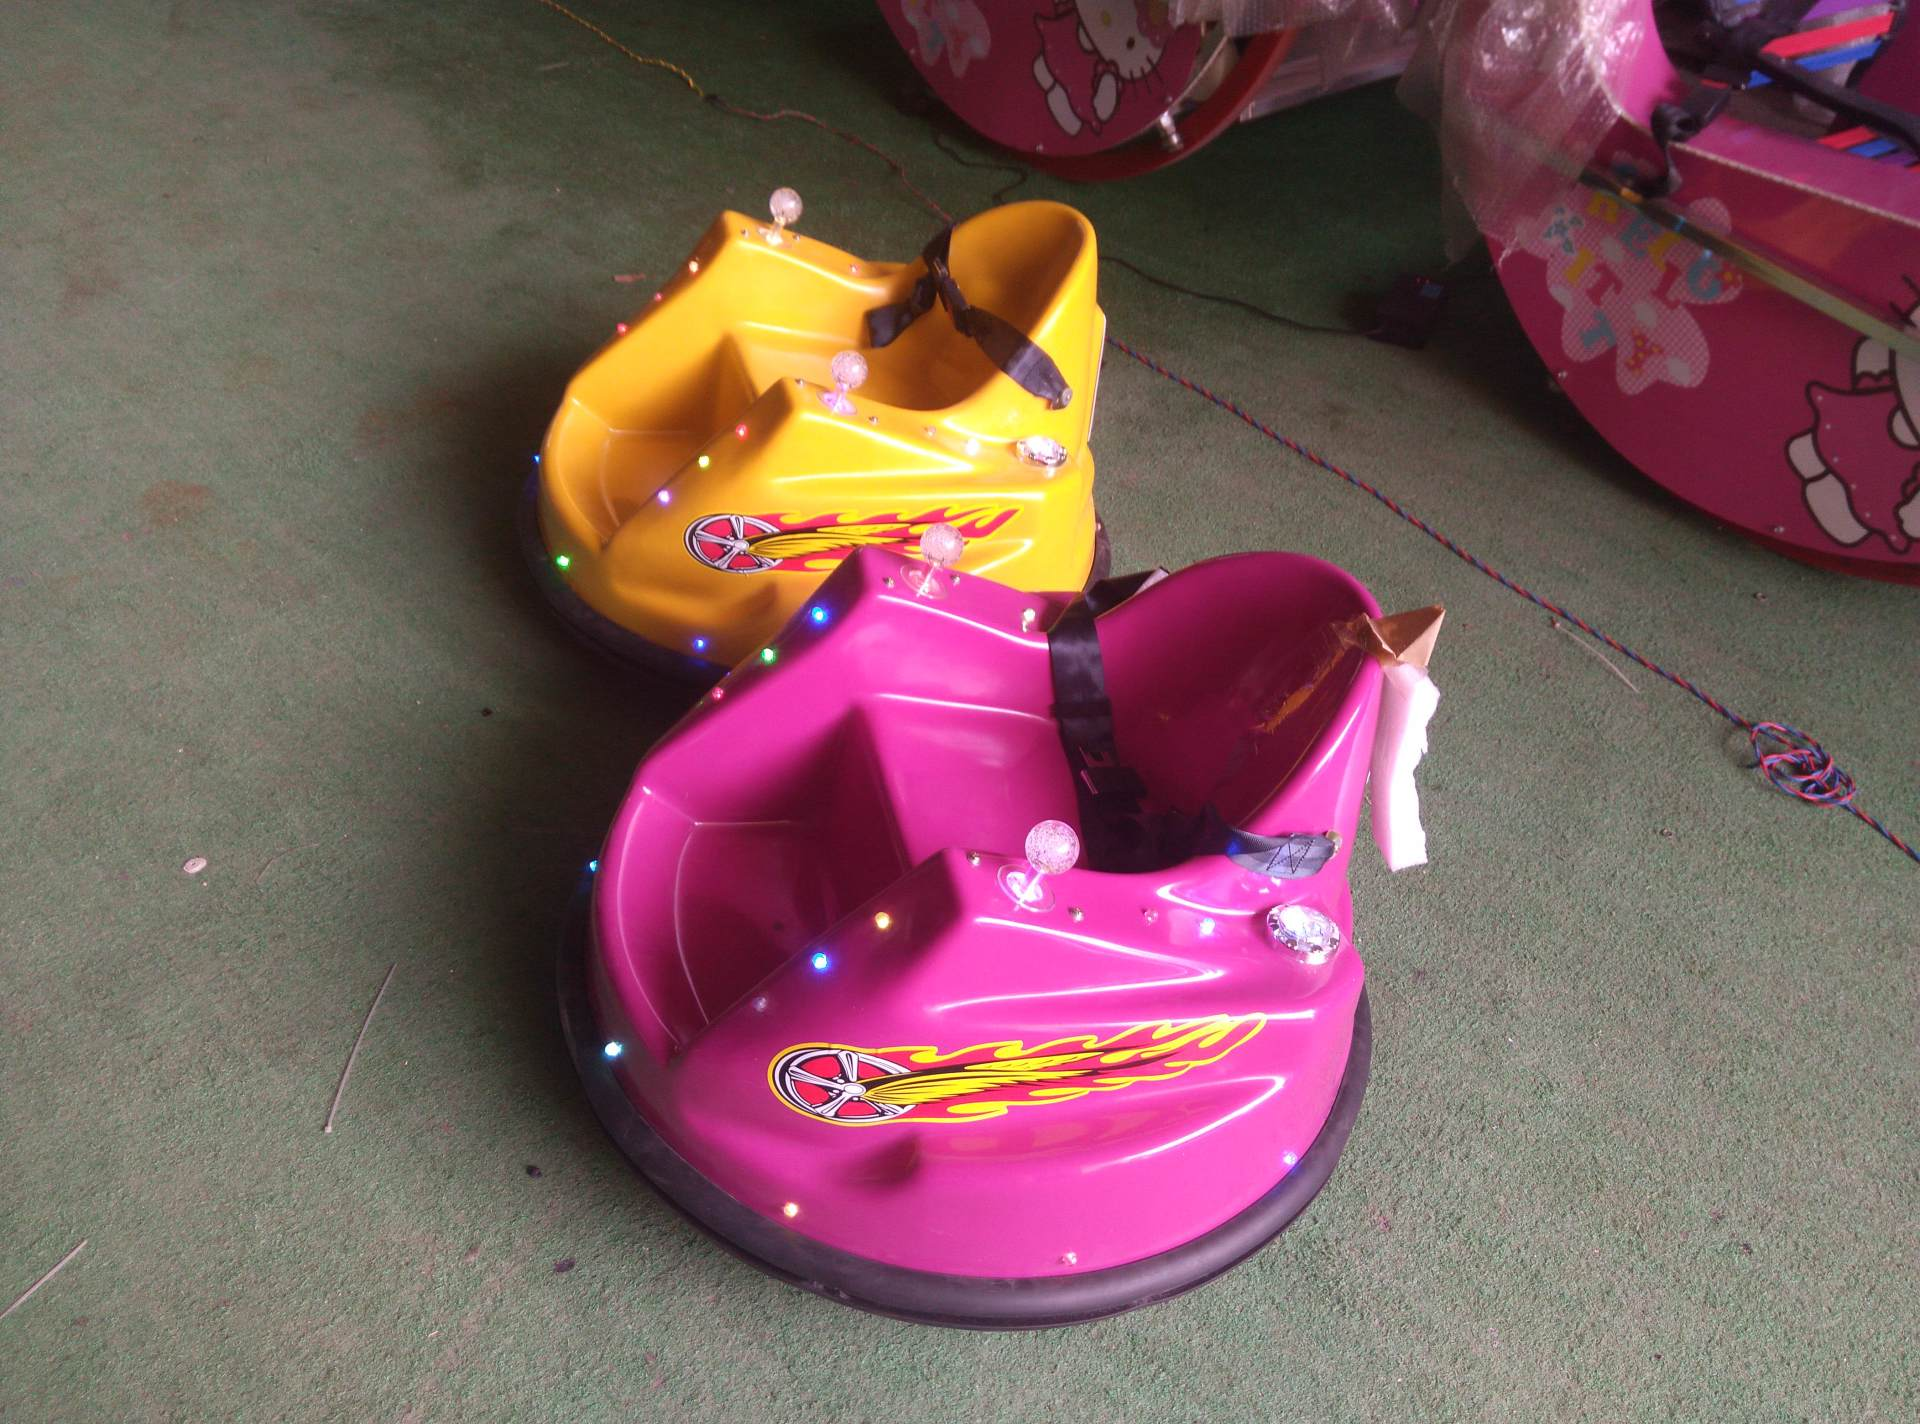 广场电瓶儿童飞碟碰碰车 单人电动儿童碰碰车大洋游乐生产厂家示例图5